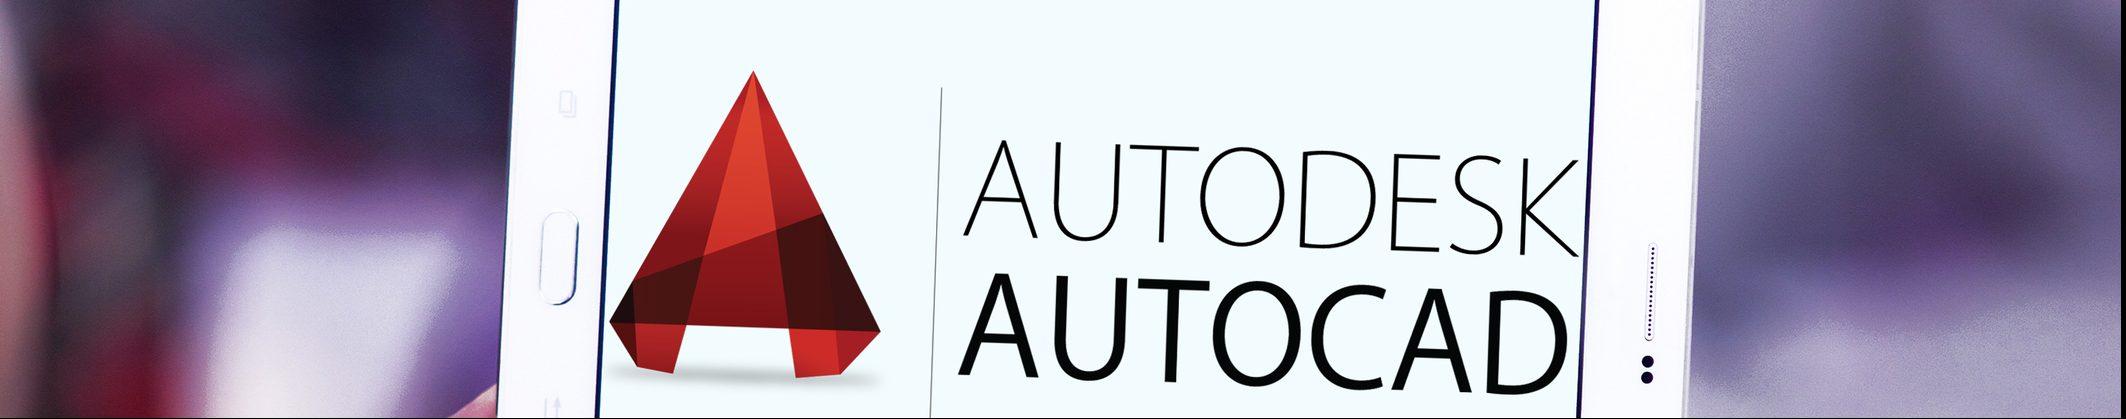 Autodesk 3Ds max design essentials training